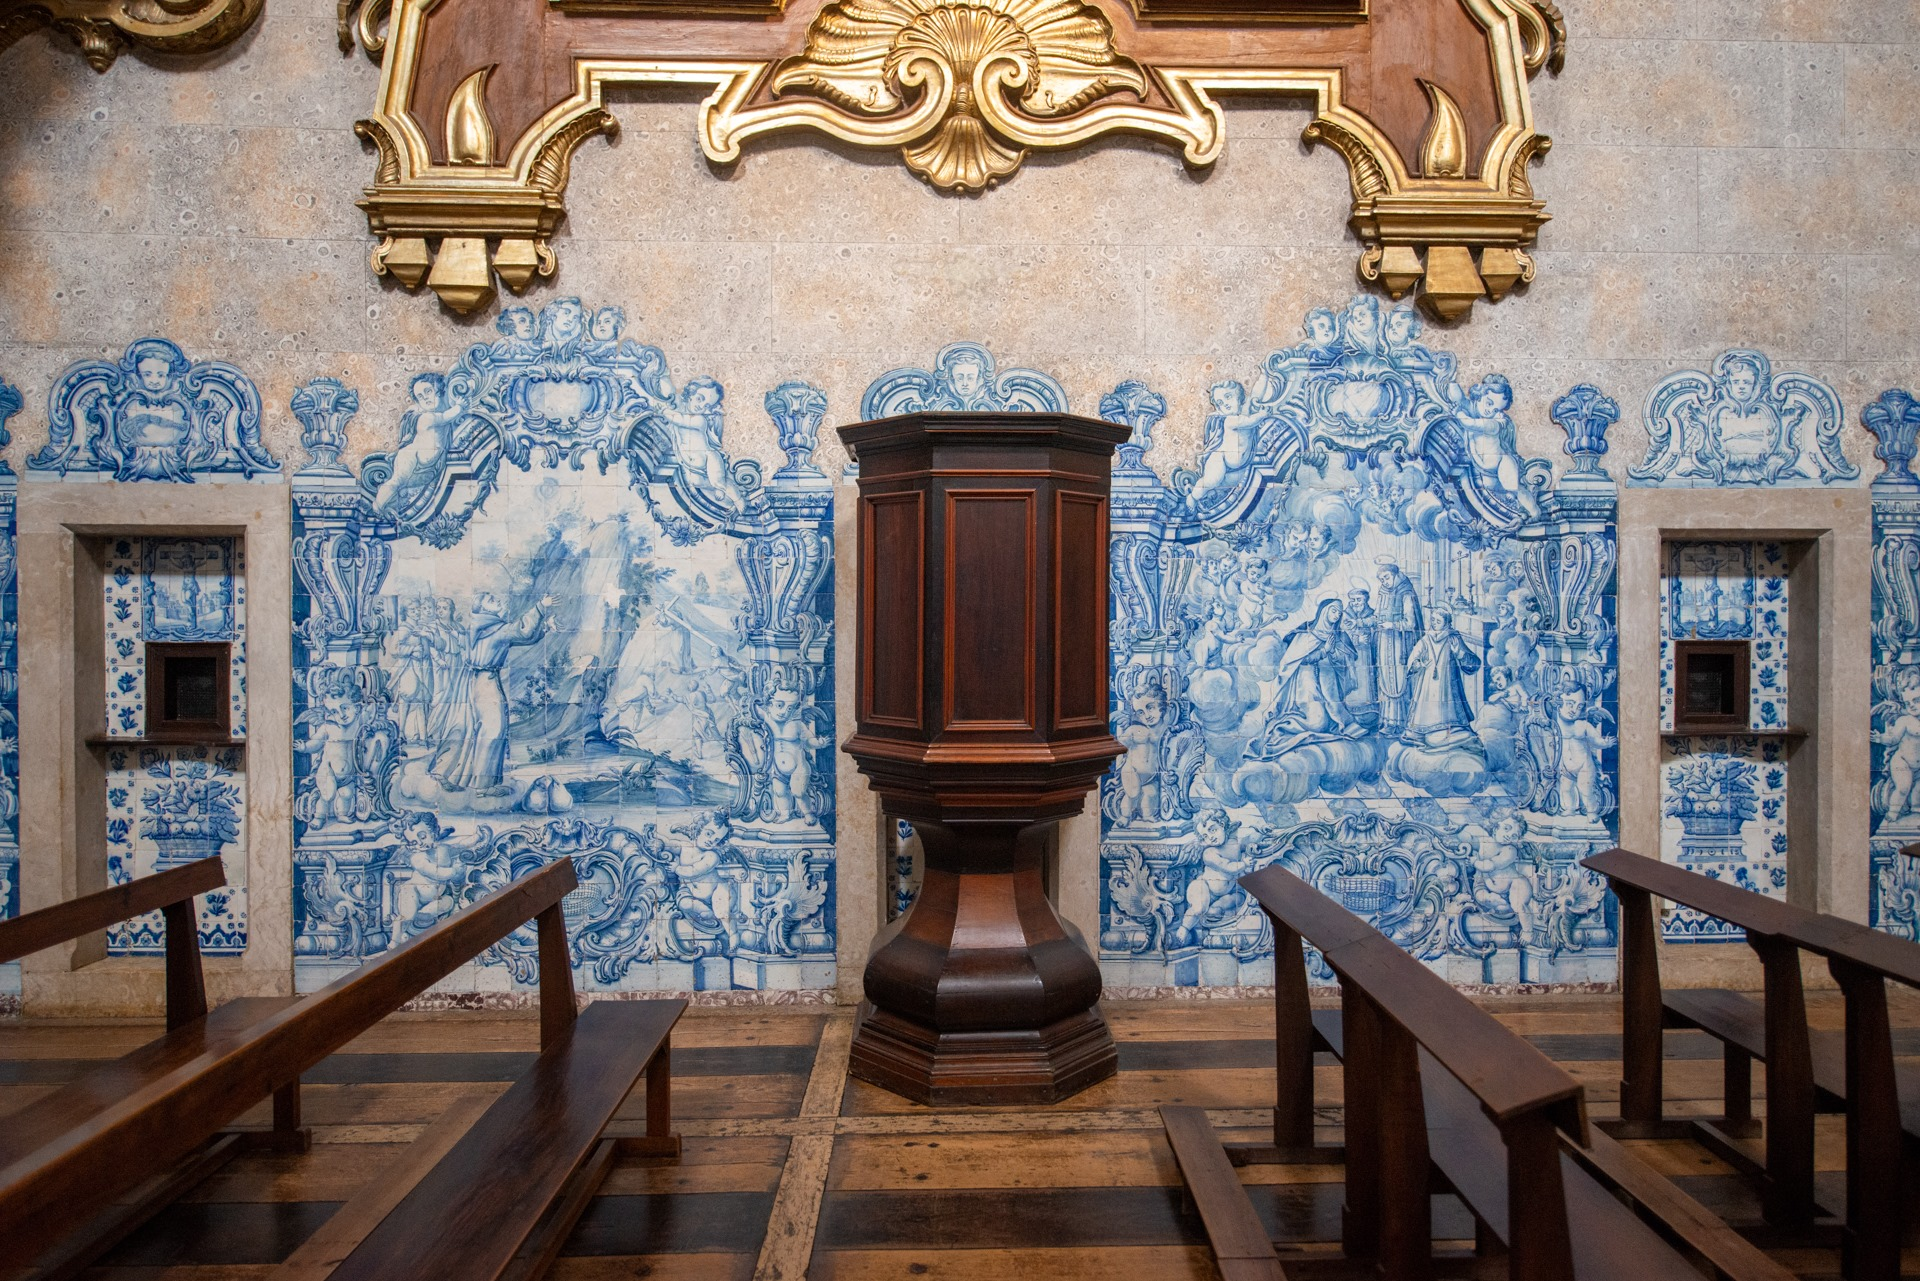 Ecologia e pensamento franciscano   Visita temática ao Convento de São Pedro de Alcântara